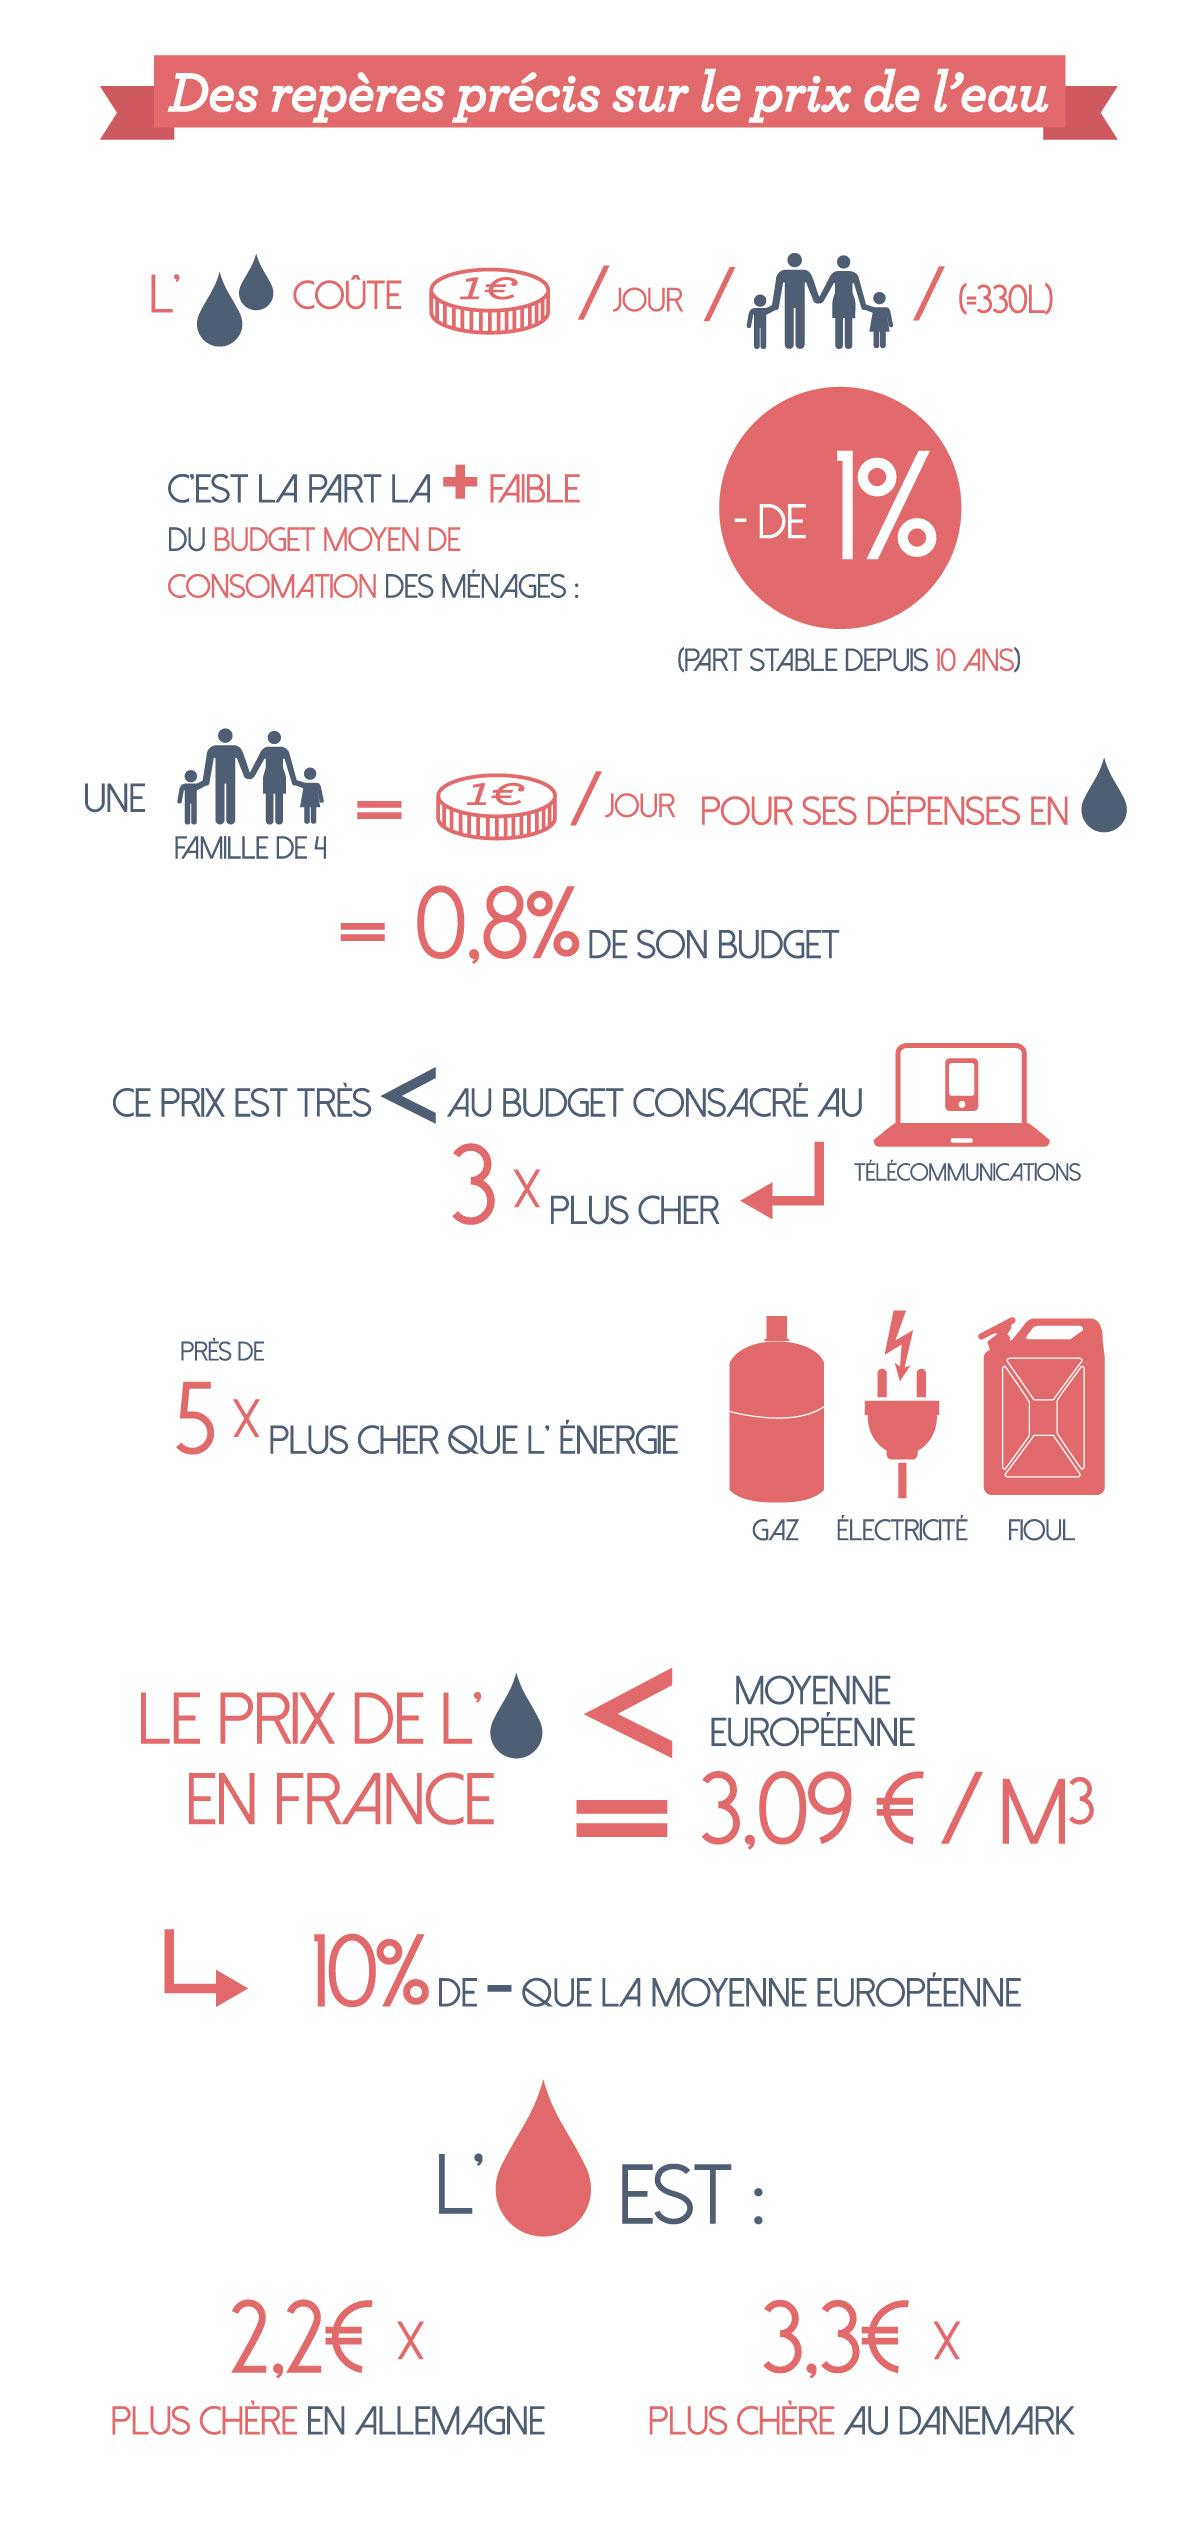 infographie-LEAUETVOUS-prix-de-l'eau